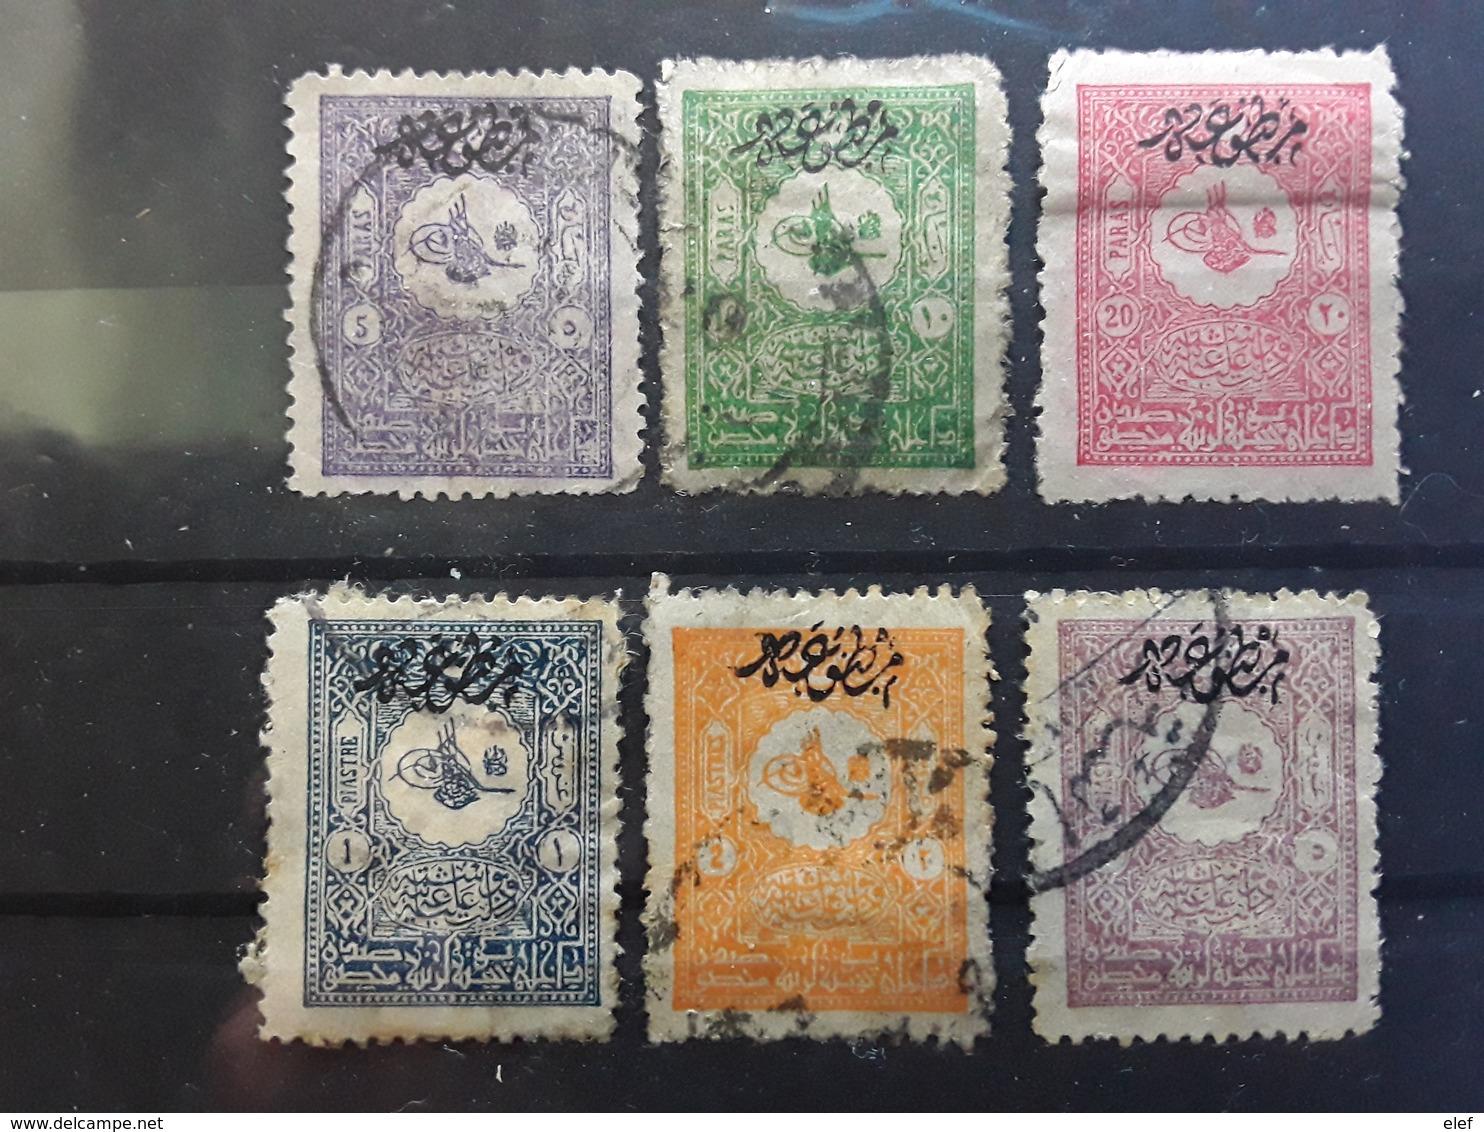 TURQUIE / TURKIYE / TURKEY 1901,JOURNAUX / NEWSPAPERS Serie Yvert 23 / 28 Neuve / Obl BTB Cote 52 Euros - 1858-1921 Osmanisches Reich